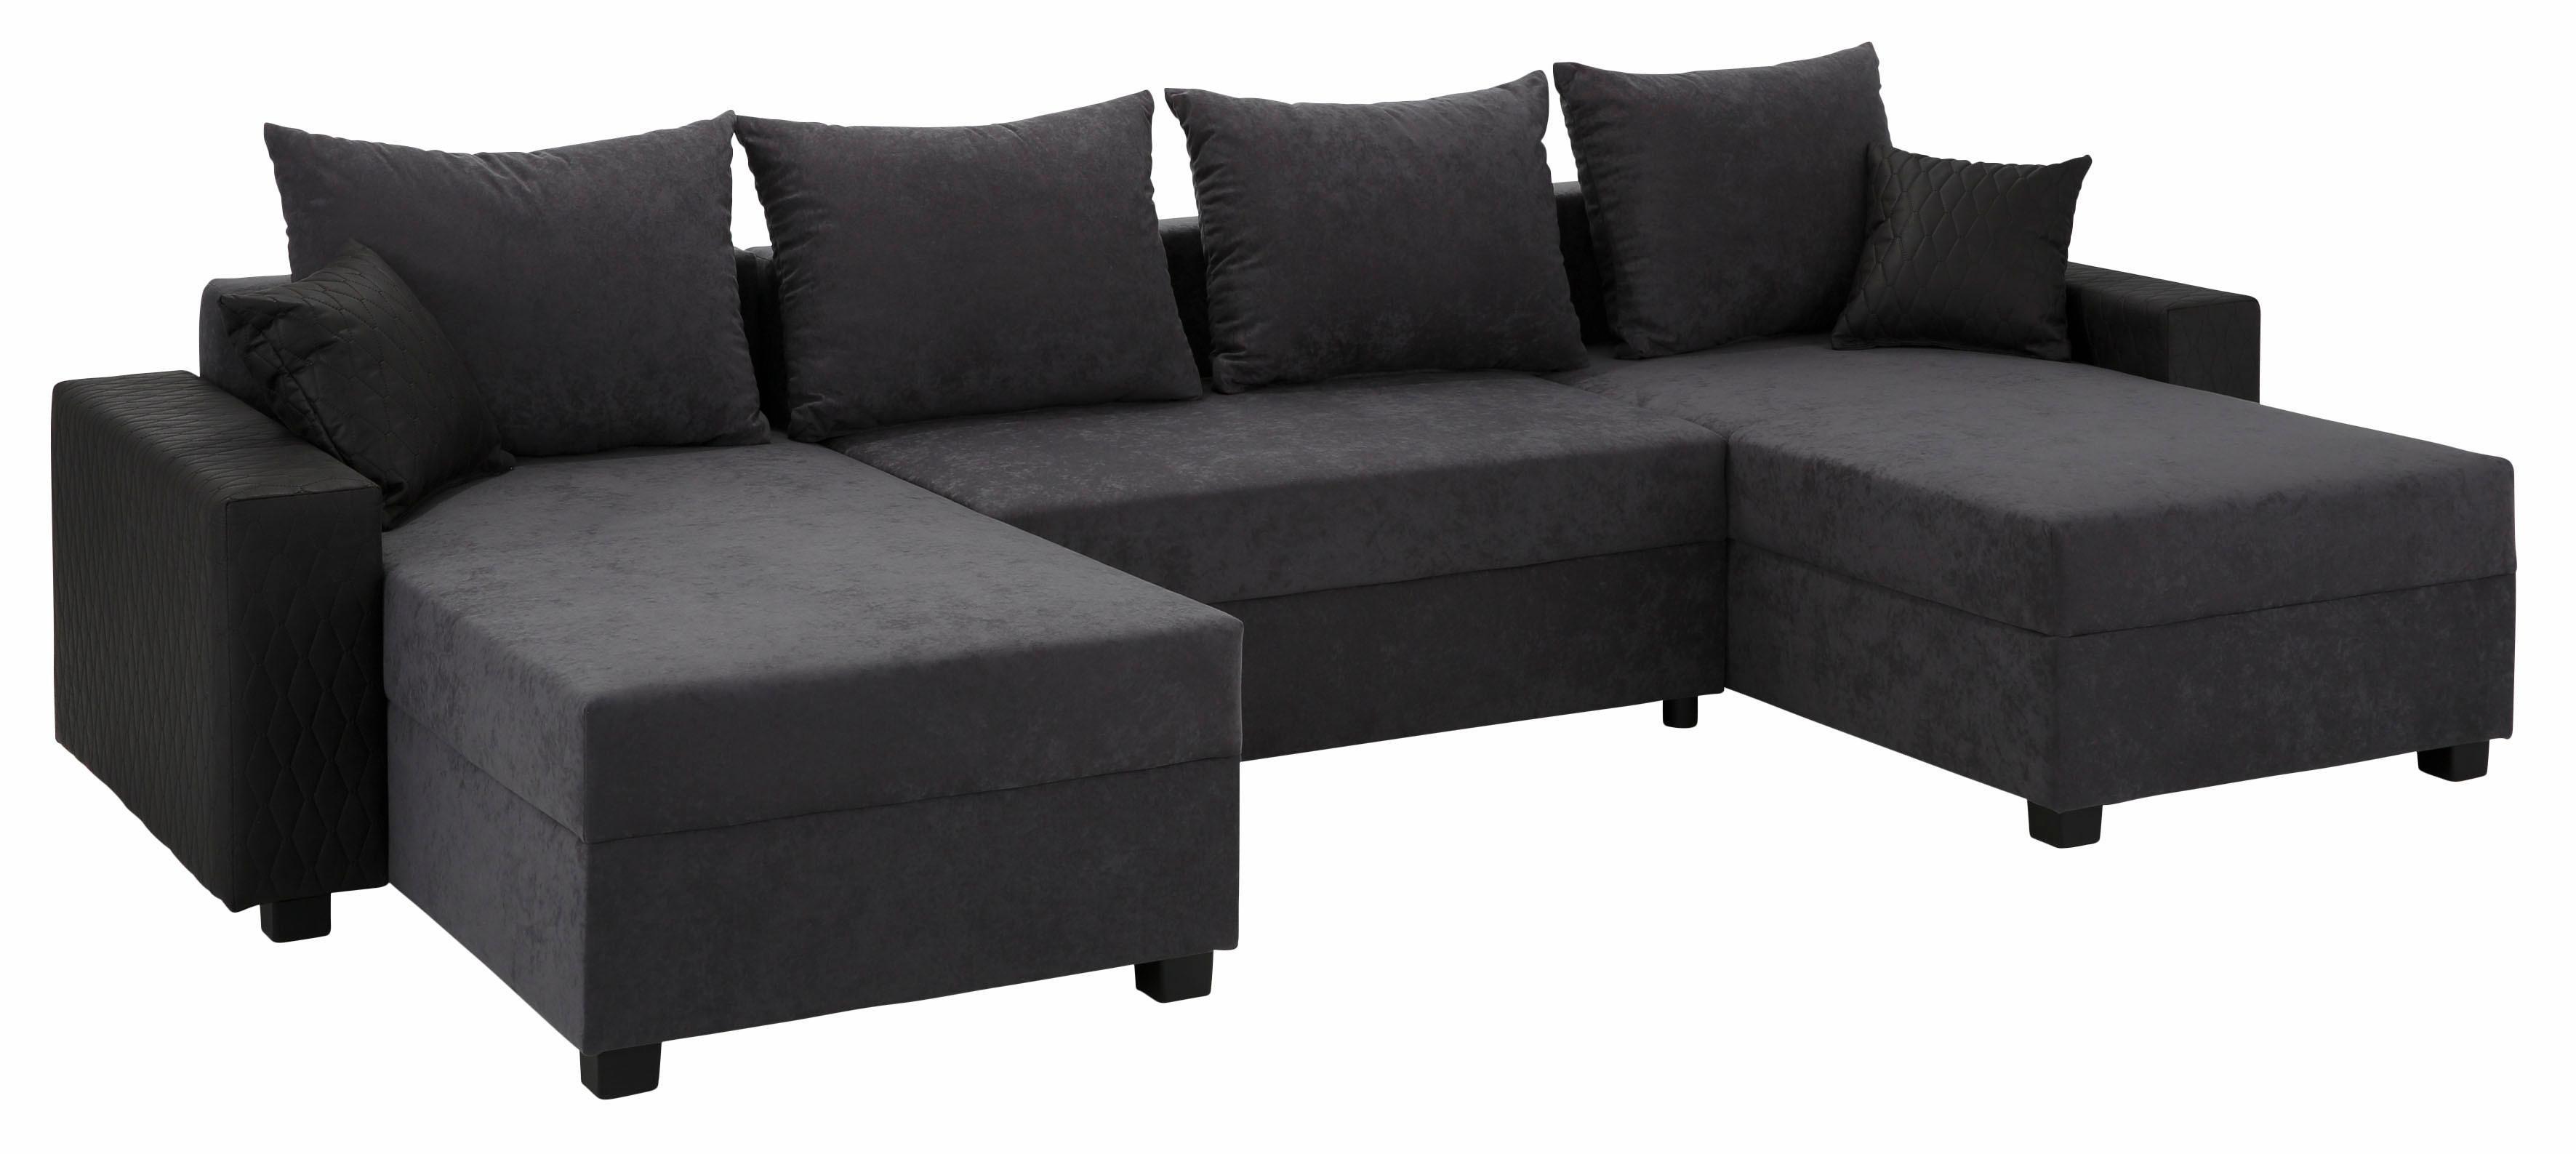 wohnlandschaft seite 4 preisvergleich. Black Bedroom Furniture Sets. Home Design Ideas